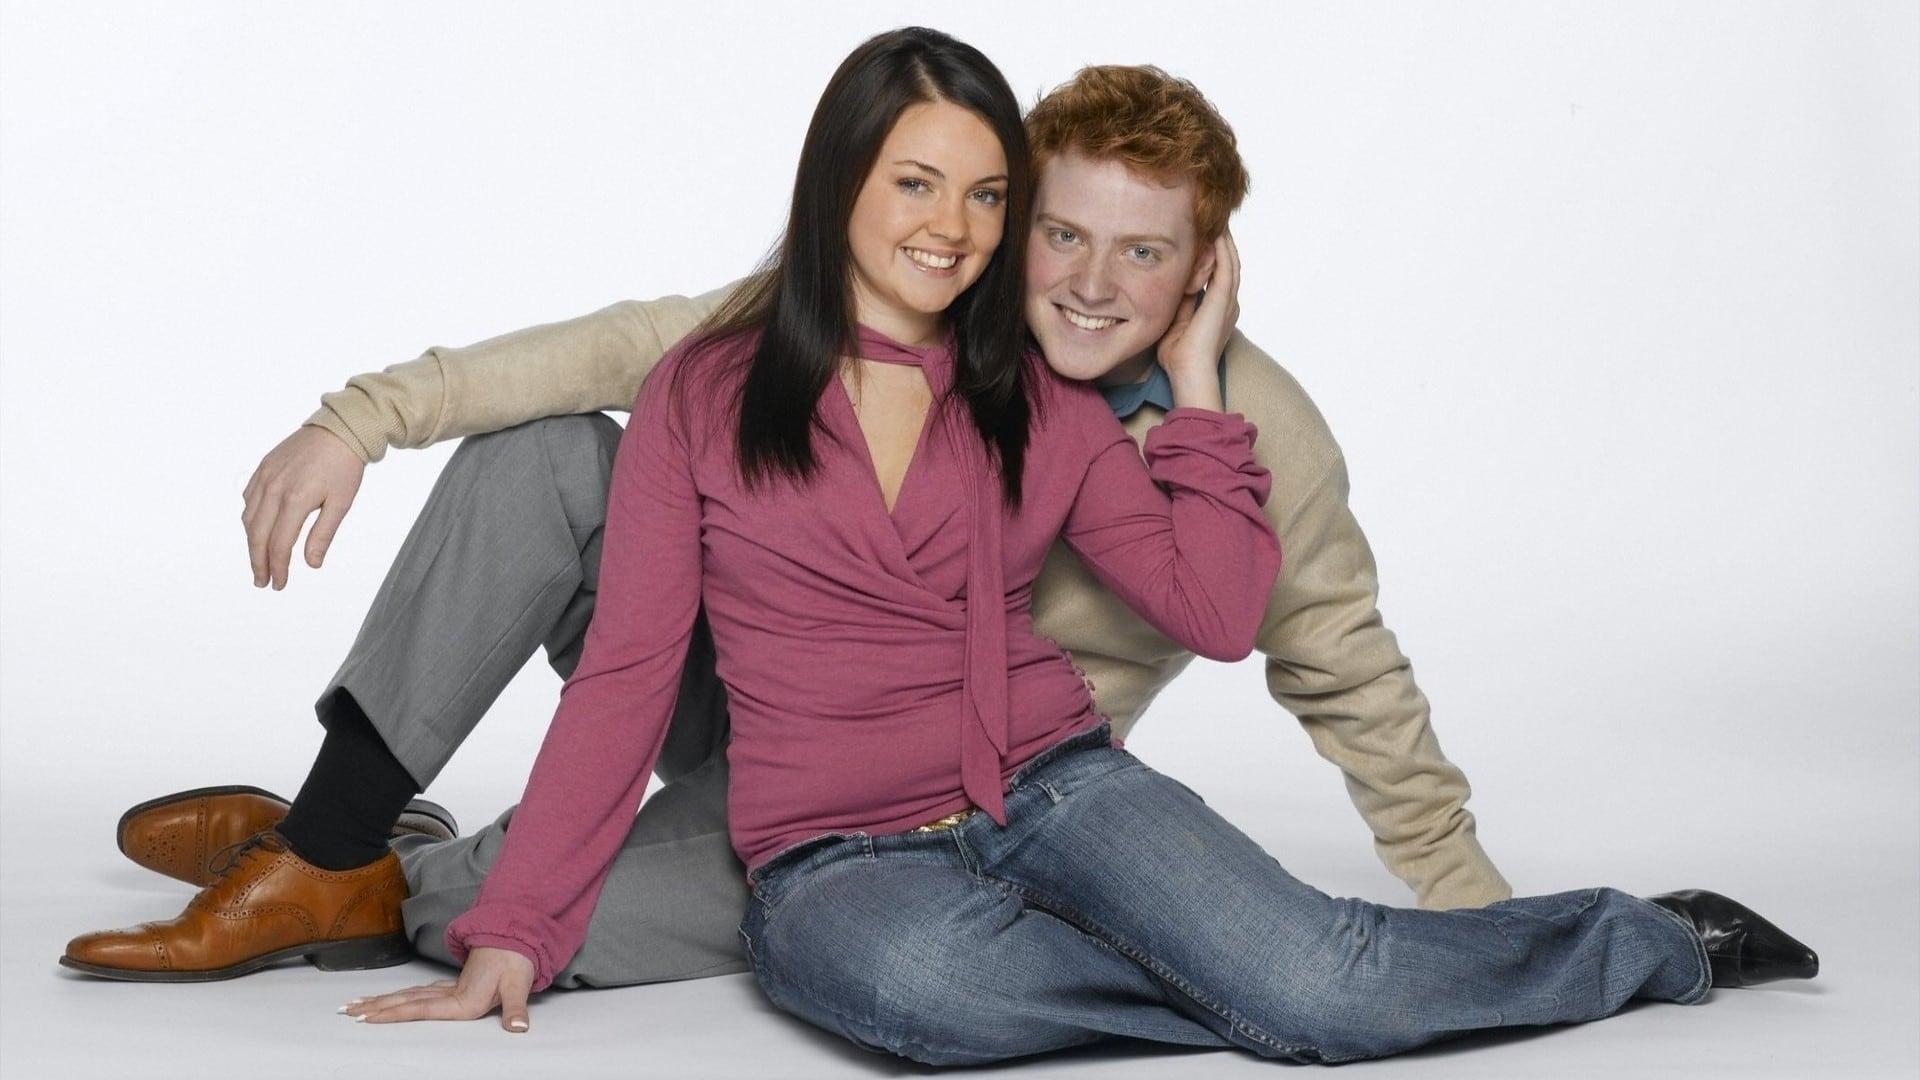 EastEnders - Season 20 Episode 72 : May 4, 2004